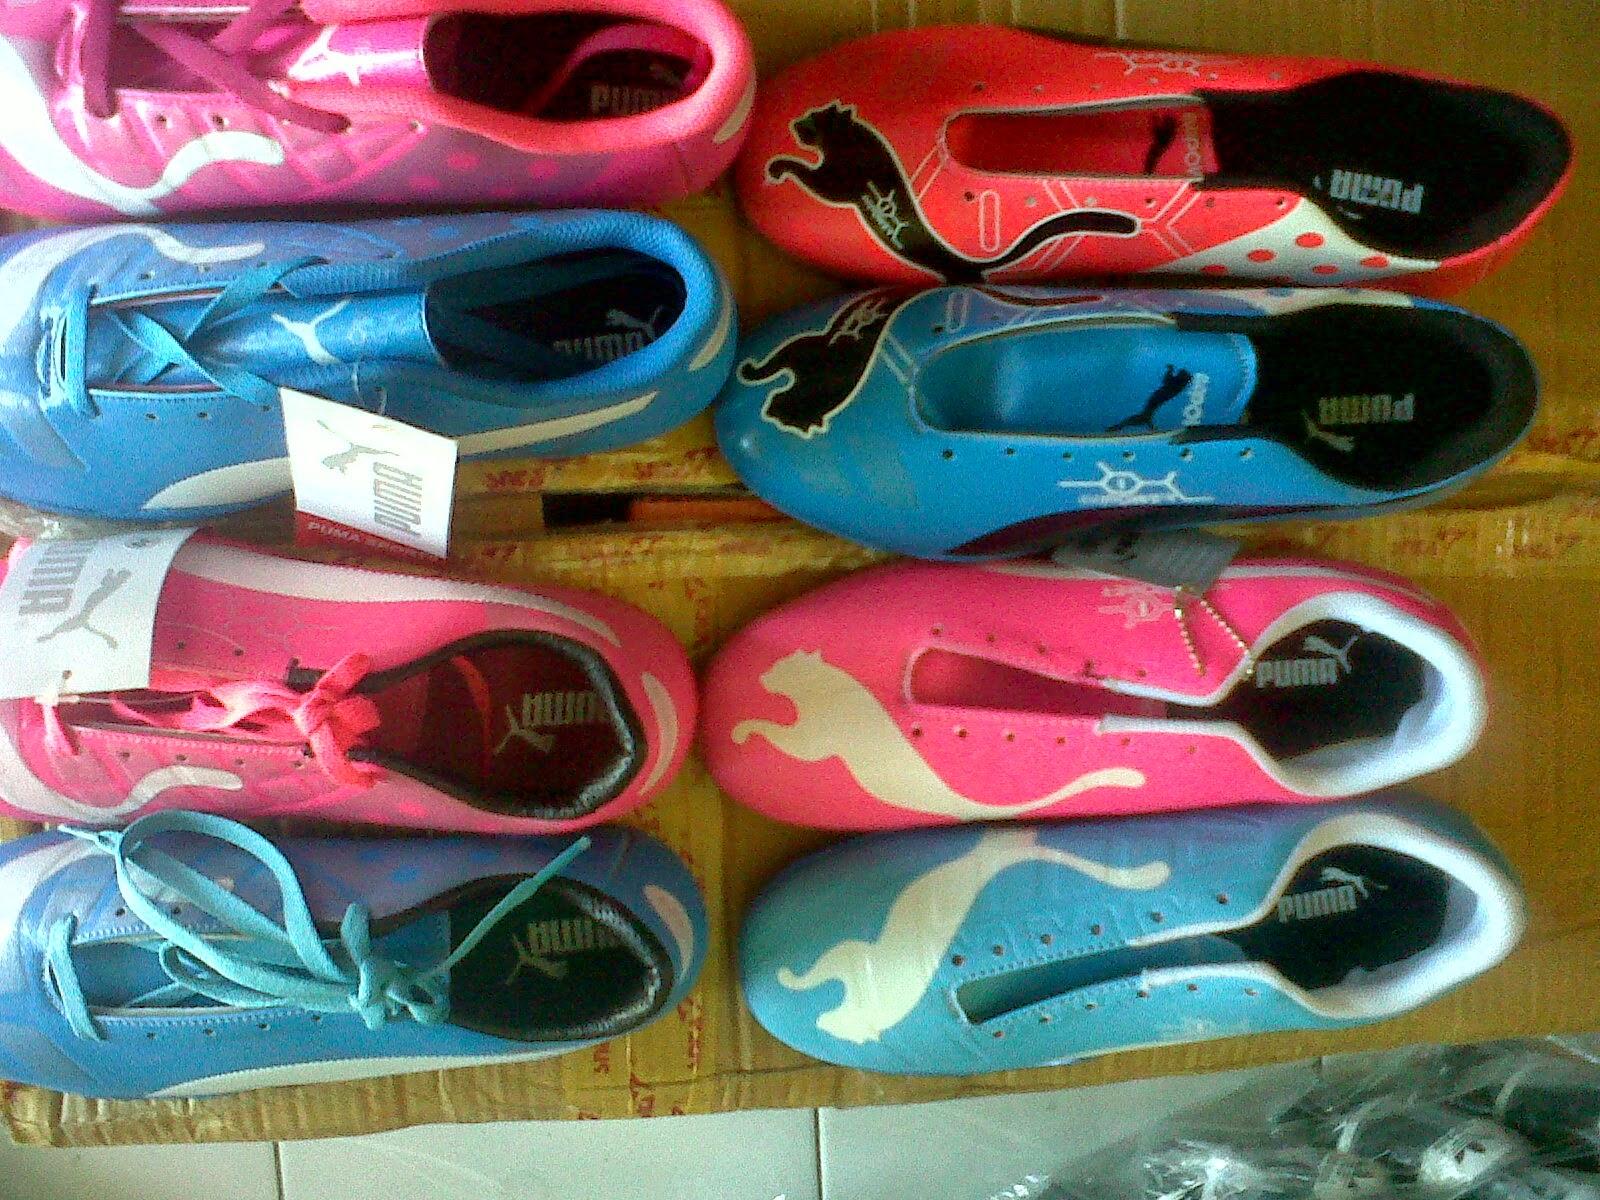 outlet for sale harga sepatu futsal puma kw 85529 a7b72 - ccmhye.com c25189741a737